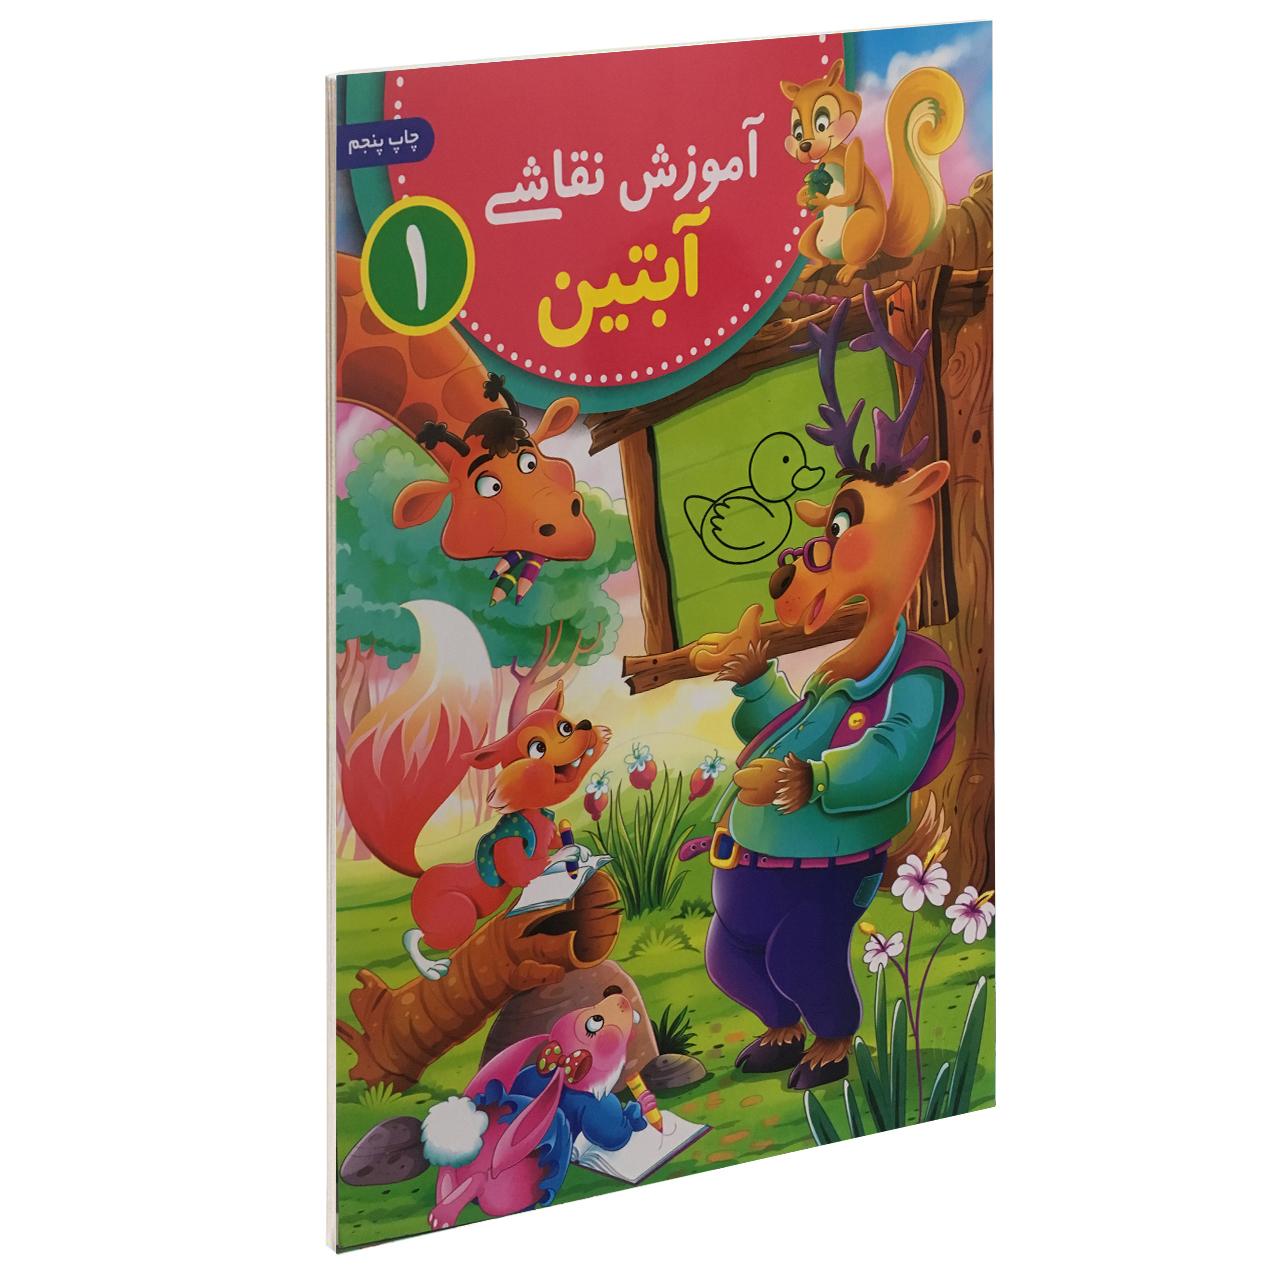 خرید                      کتاب آموزش نقاشی آبتین 1 اثر محمد جواد گلشنی نشر یوشیتا